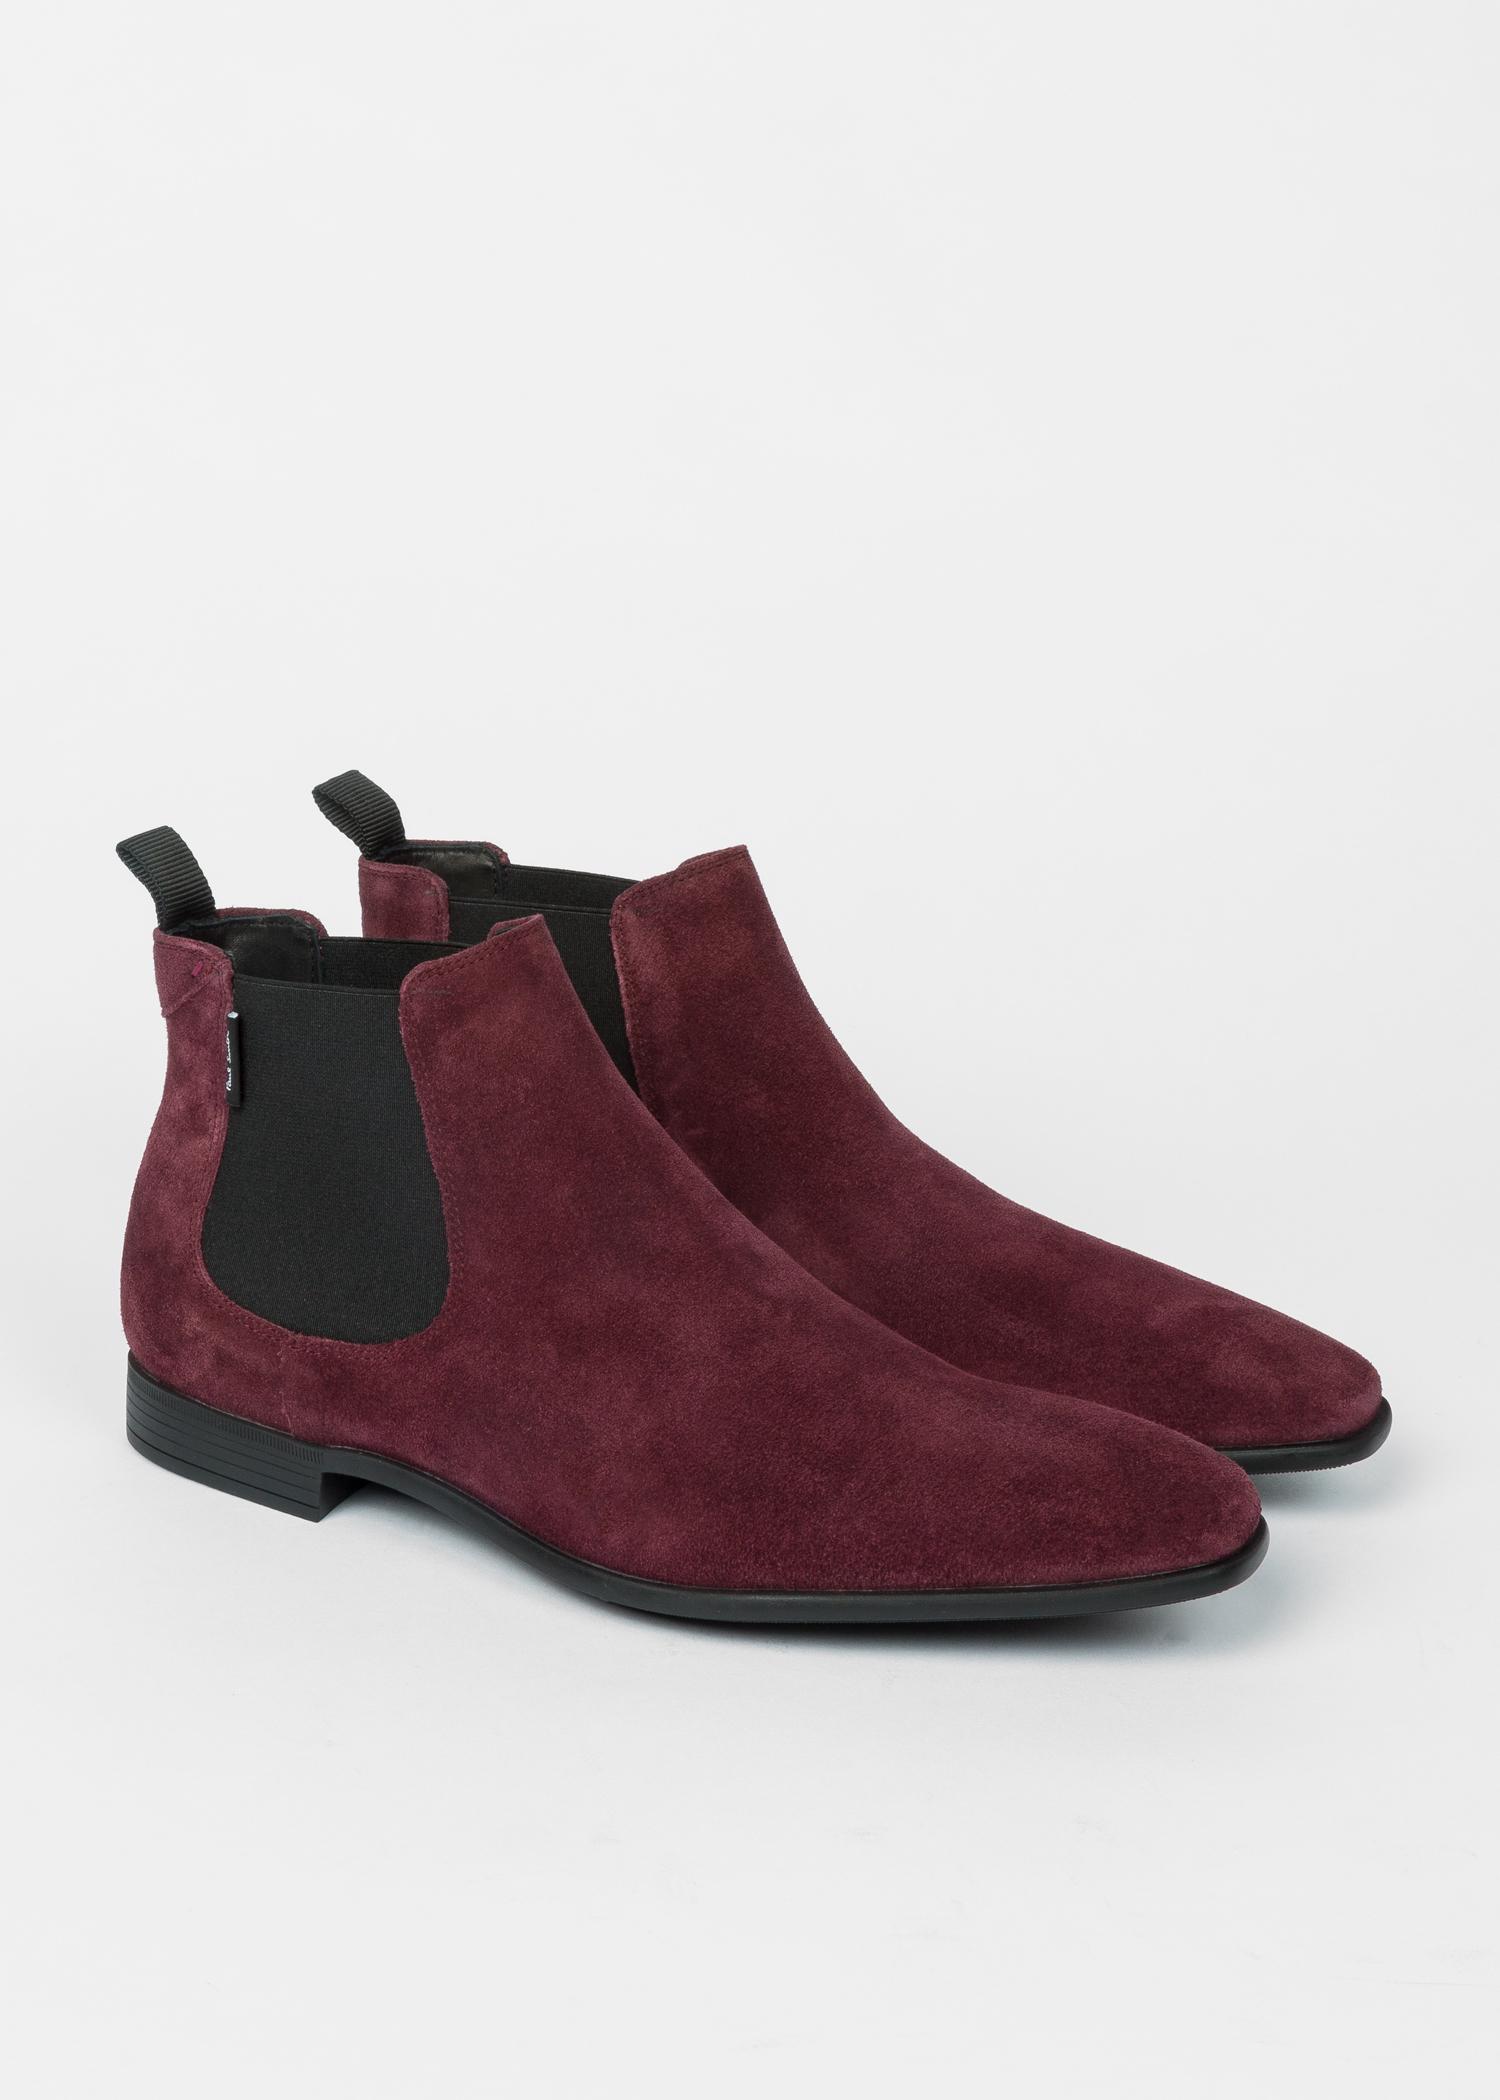 8a3136dbc924 Men s Bordeaux Suede  Falconer  Chelsea Boots - Paul Smith Australia